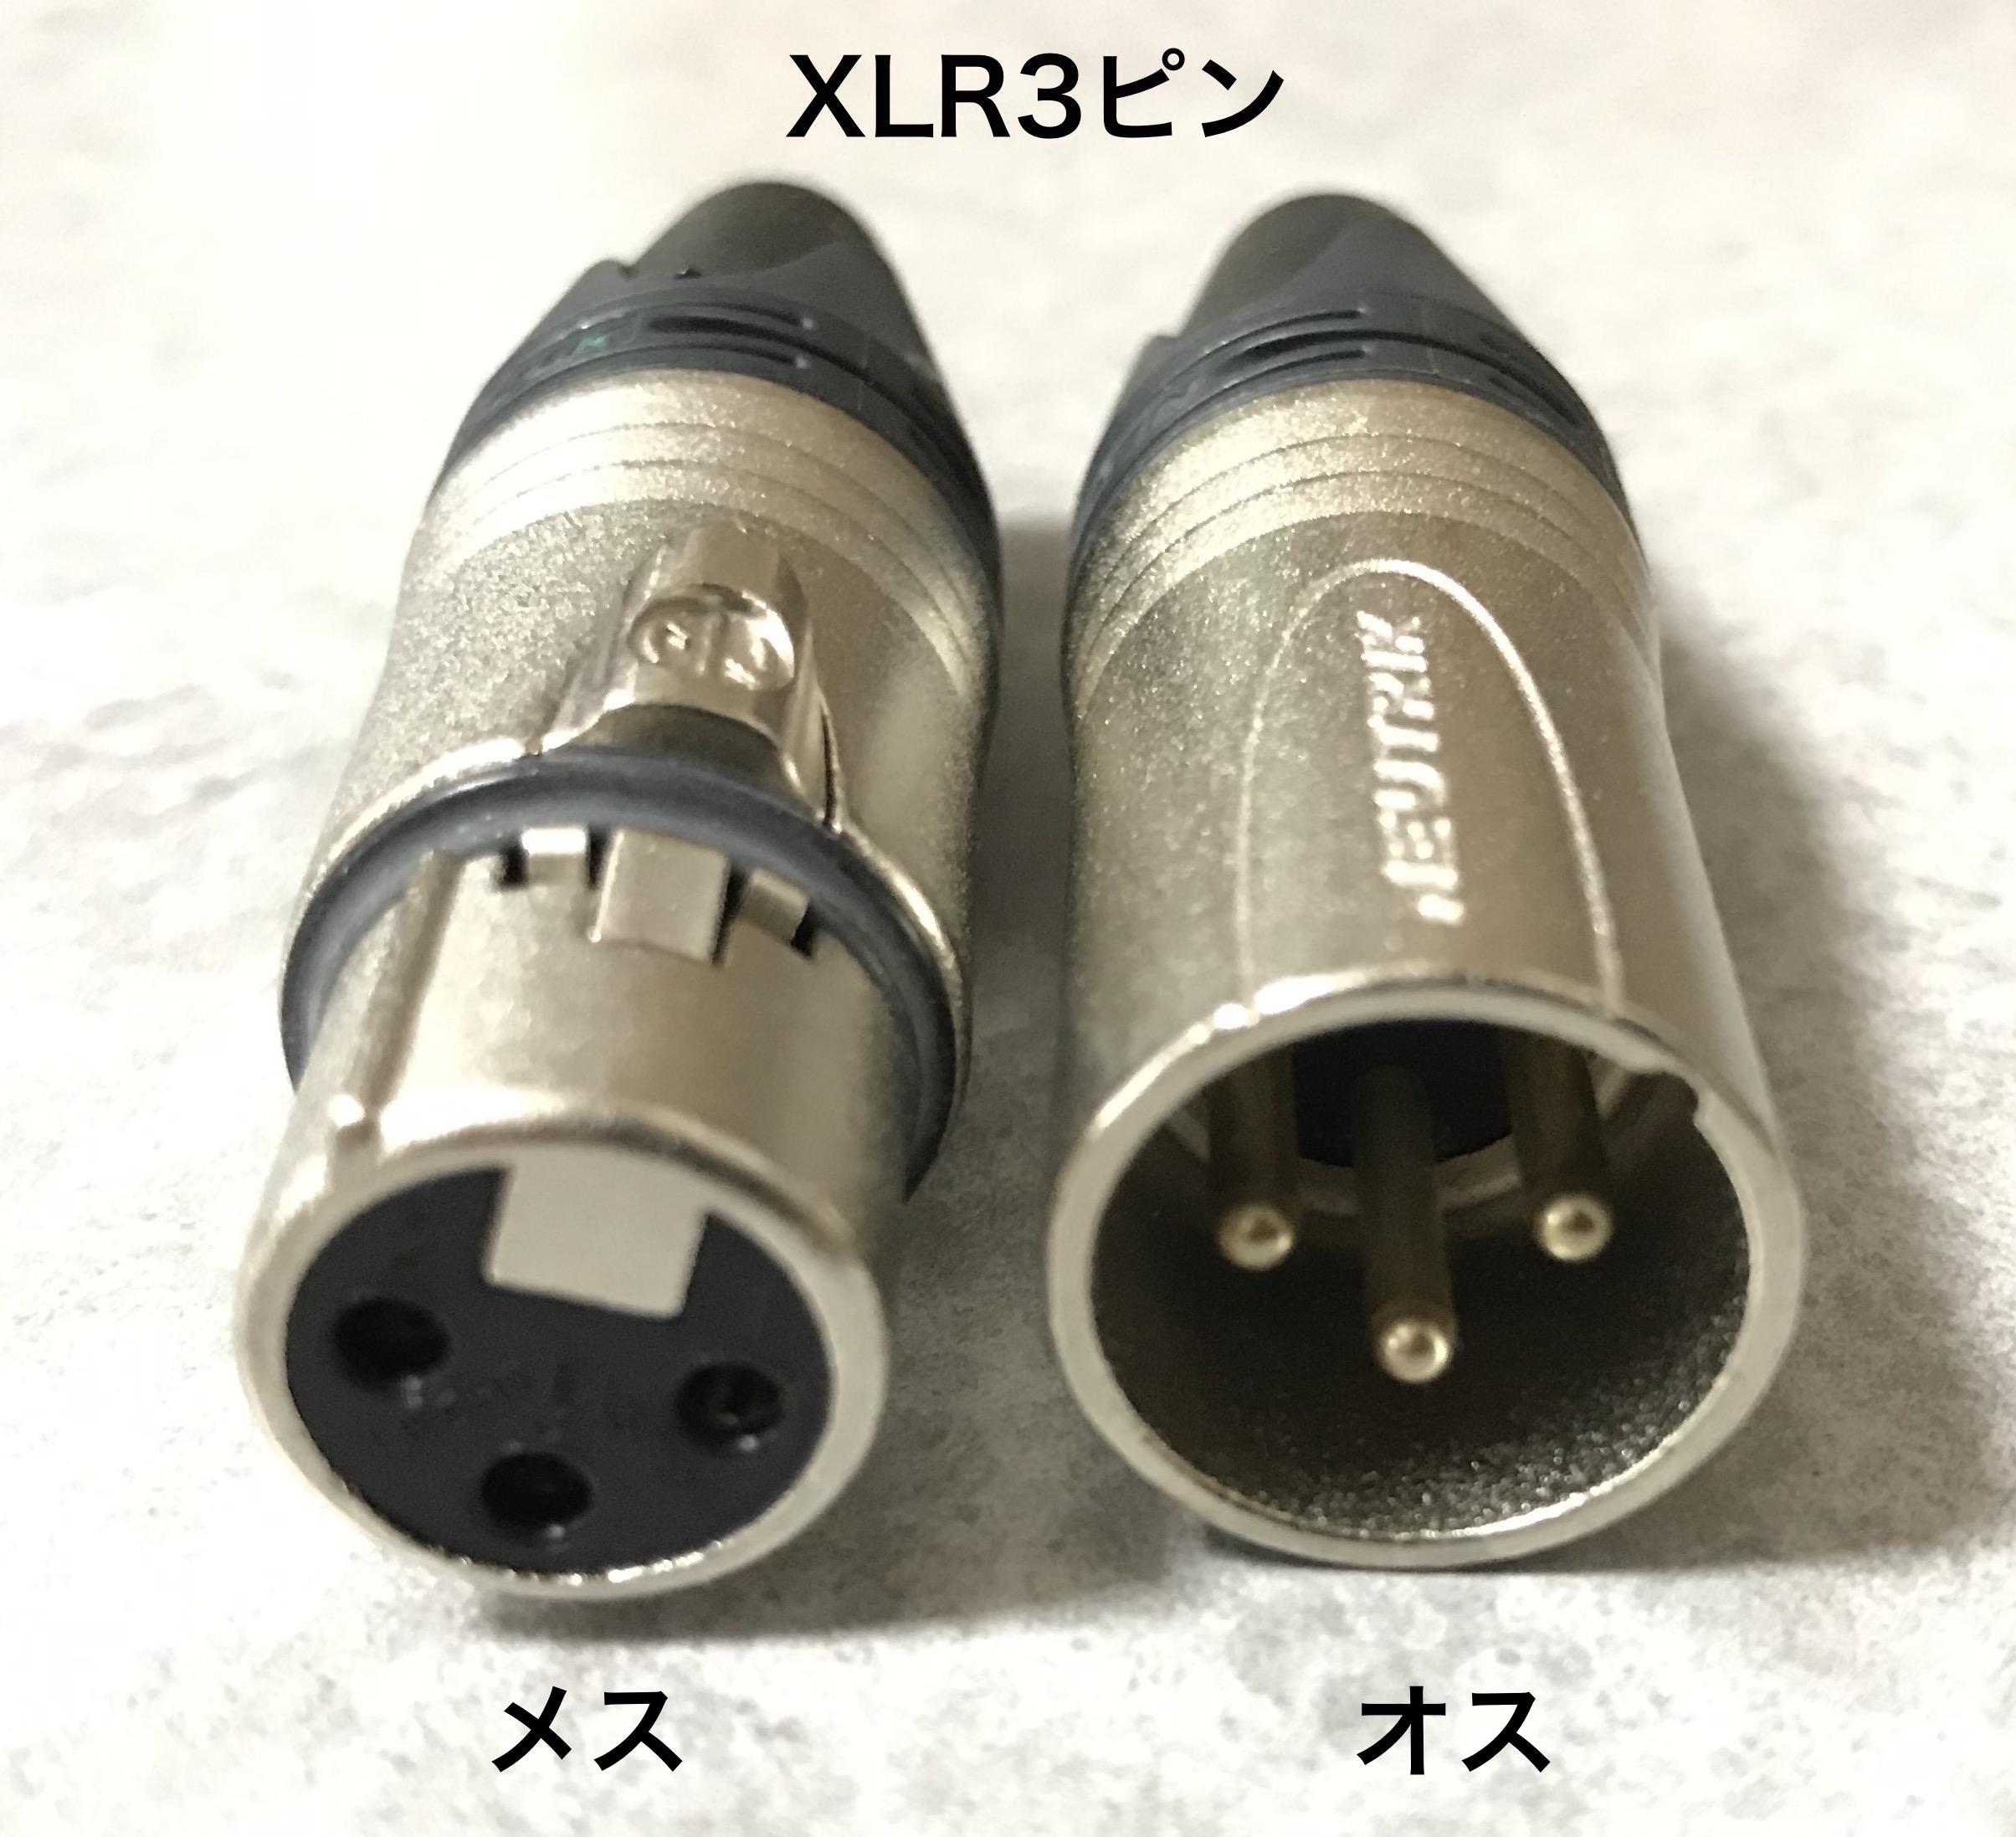 XLR3コネクタ